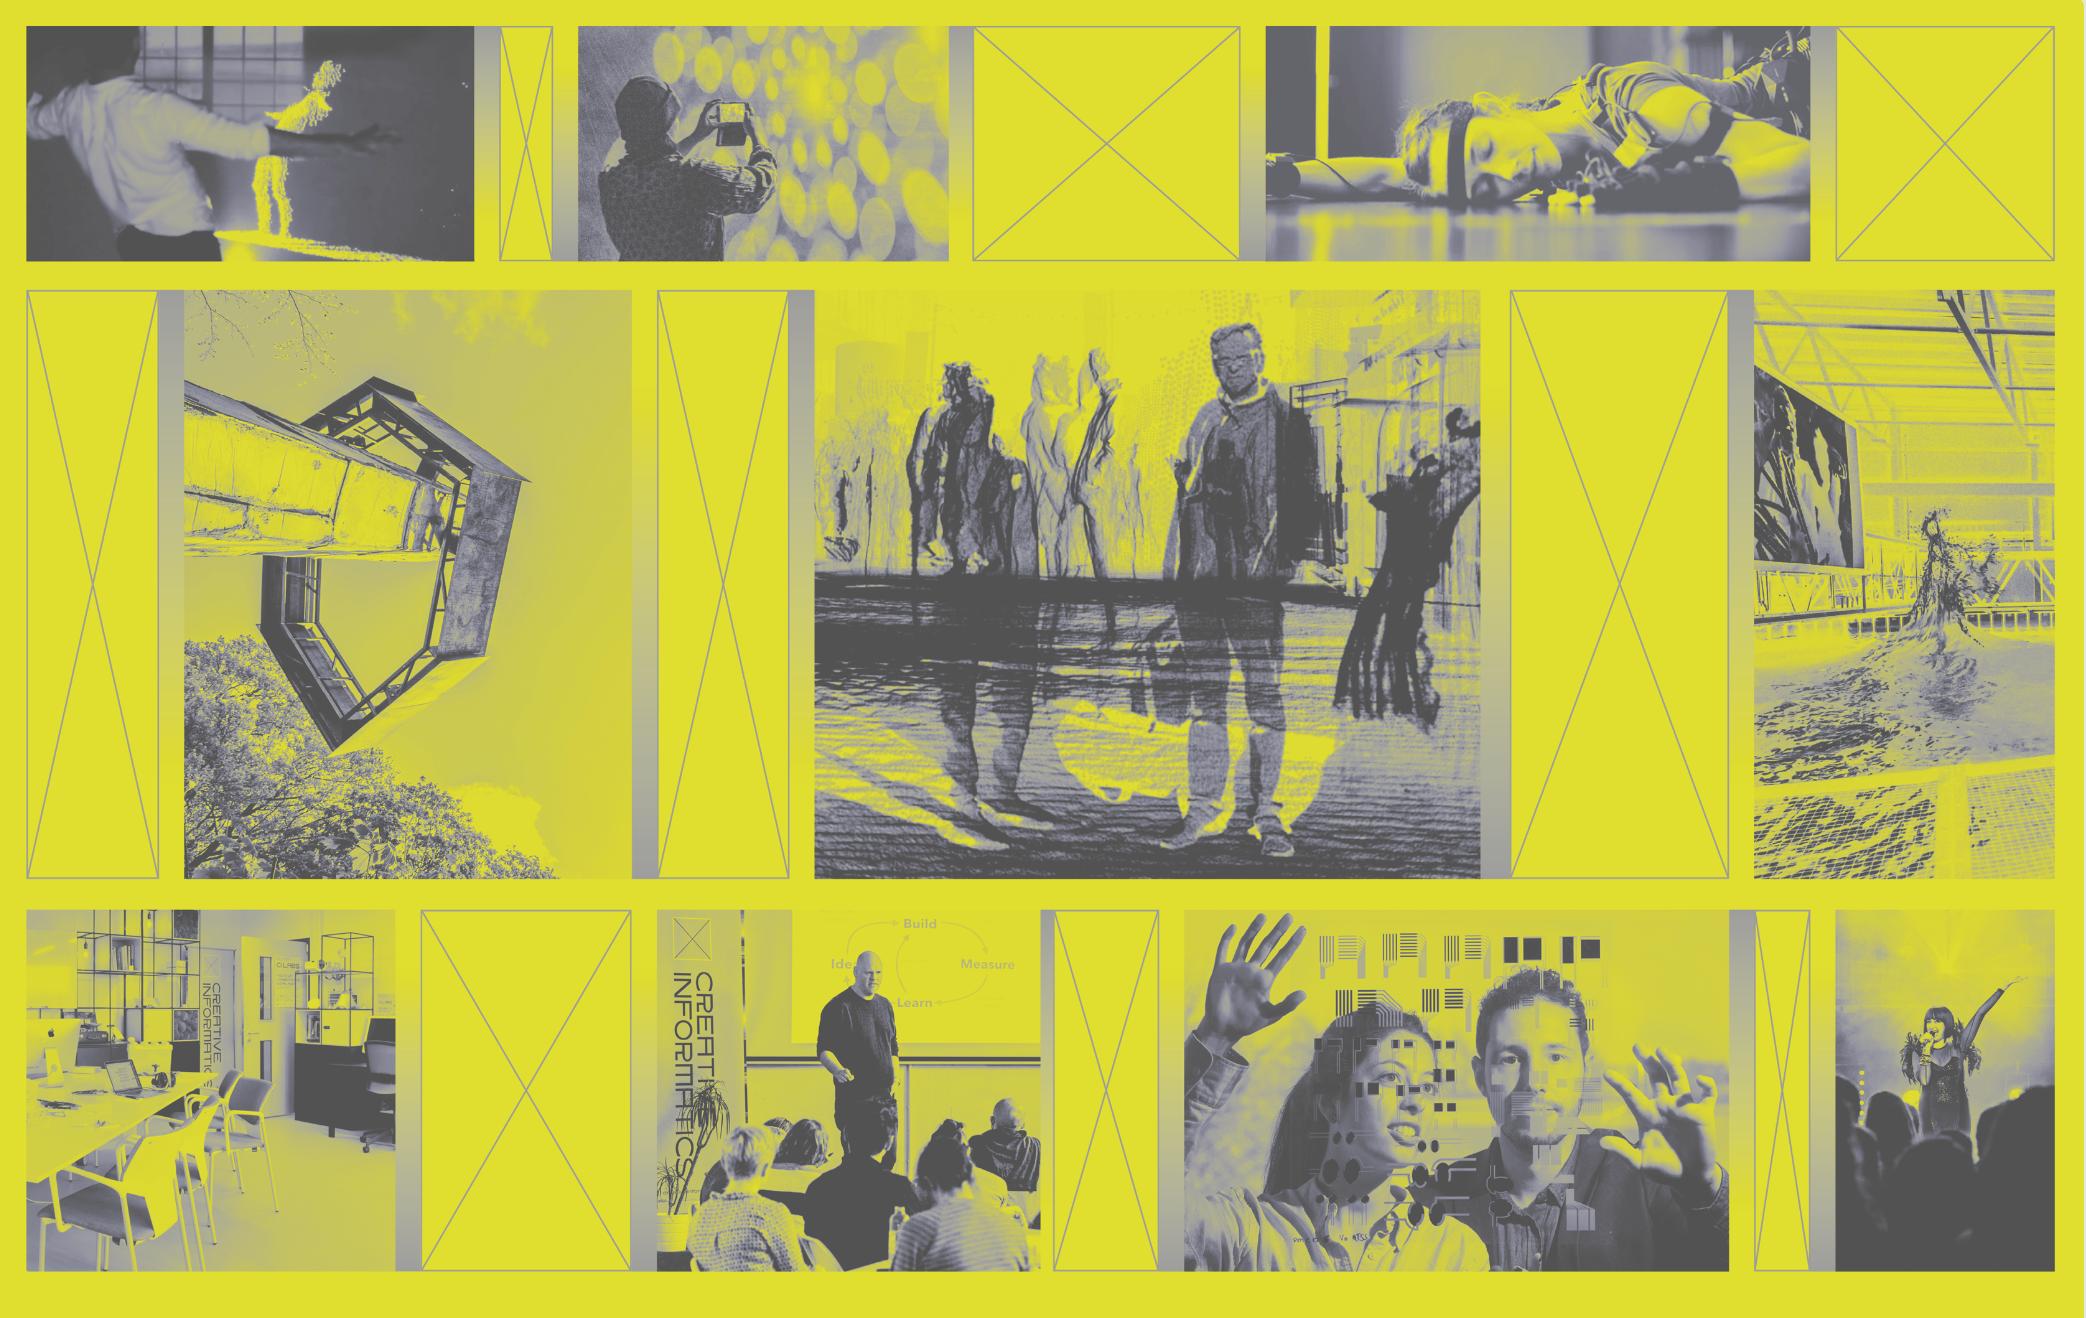 CreativeInformatics_AnnualReport_Peak15DesignStudio